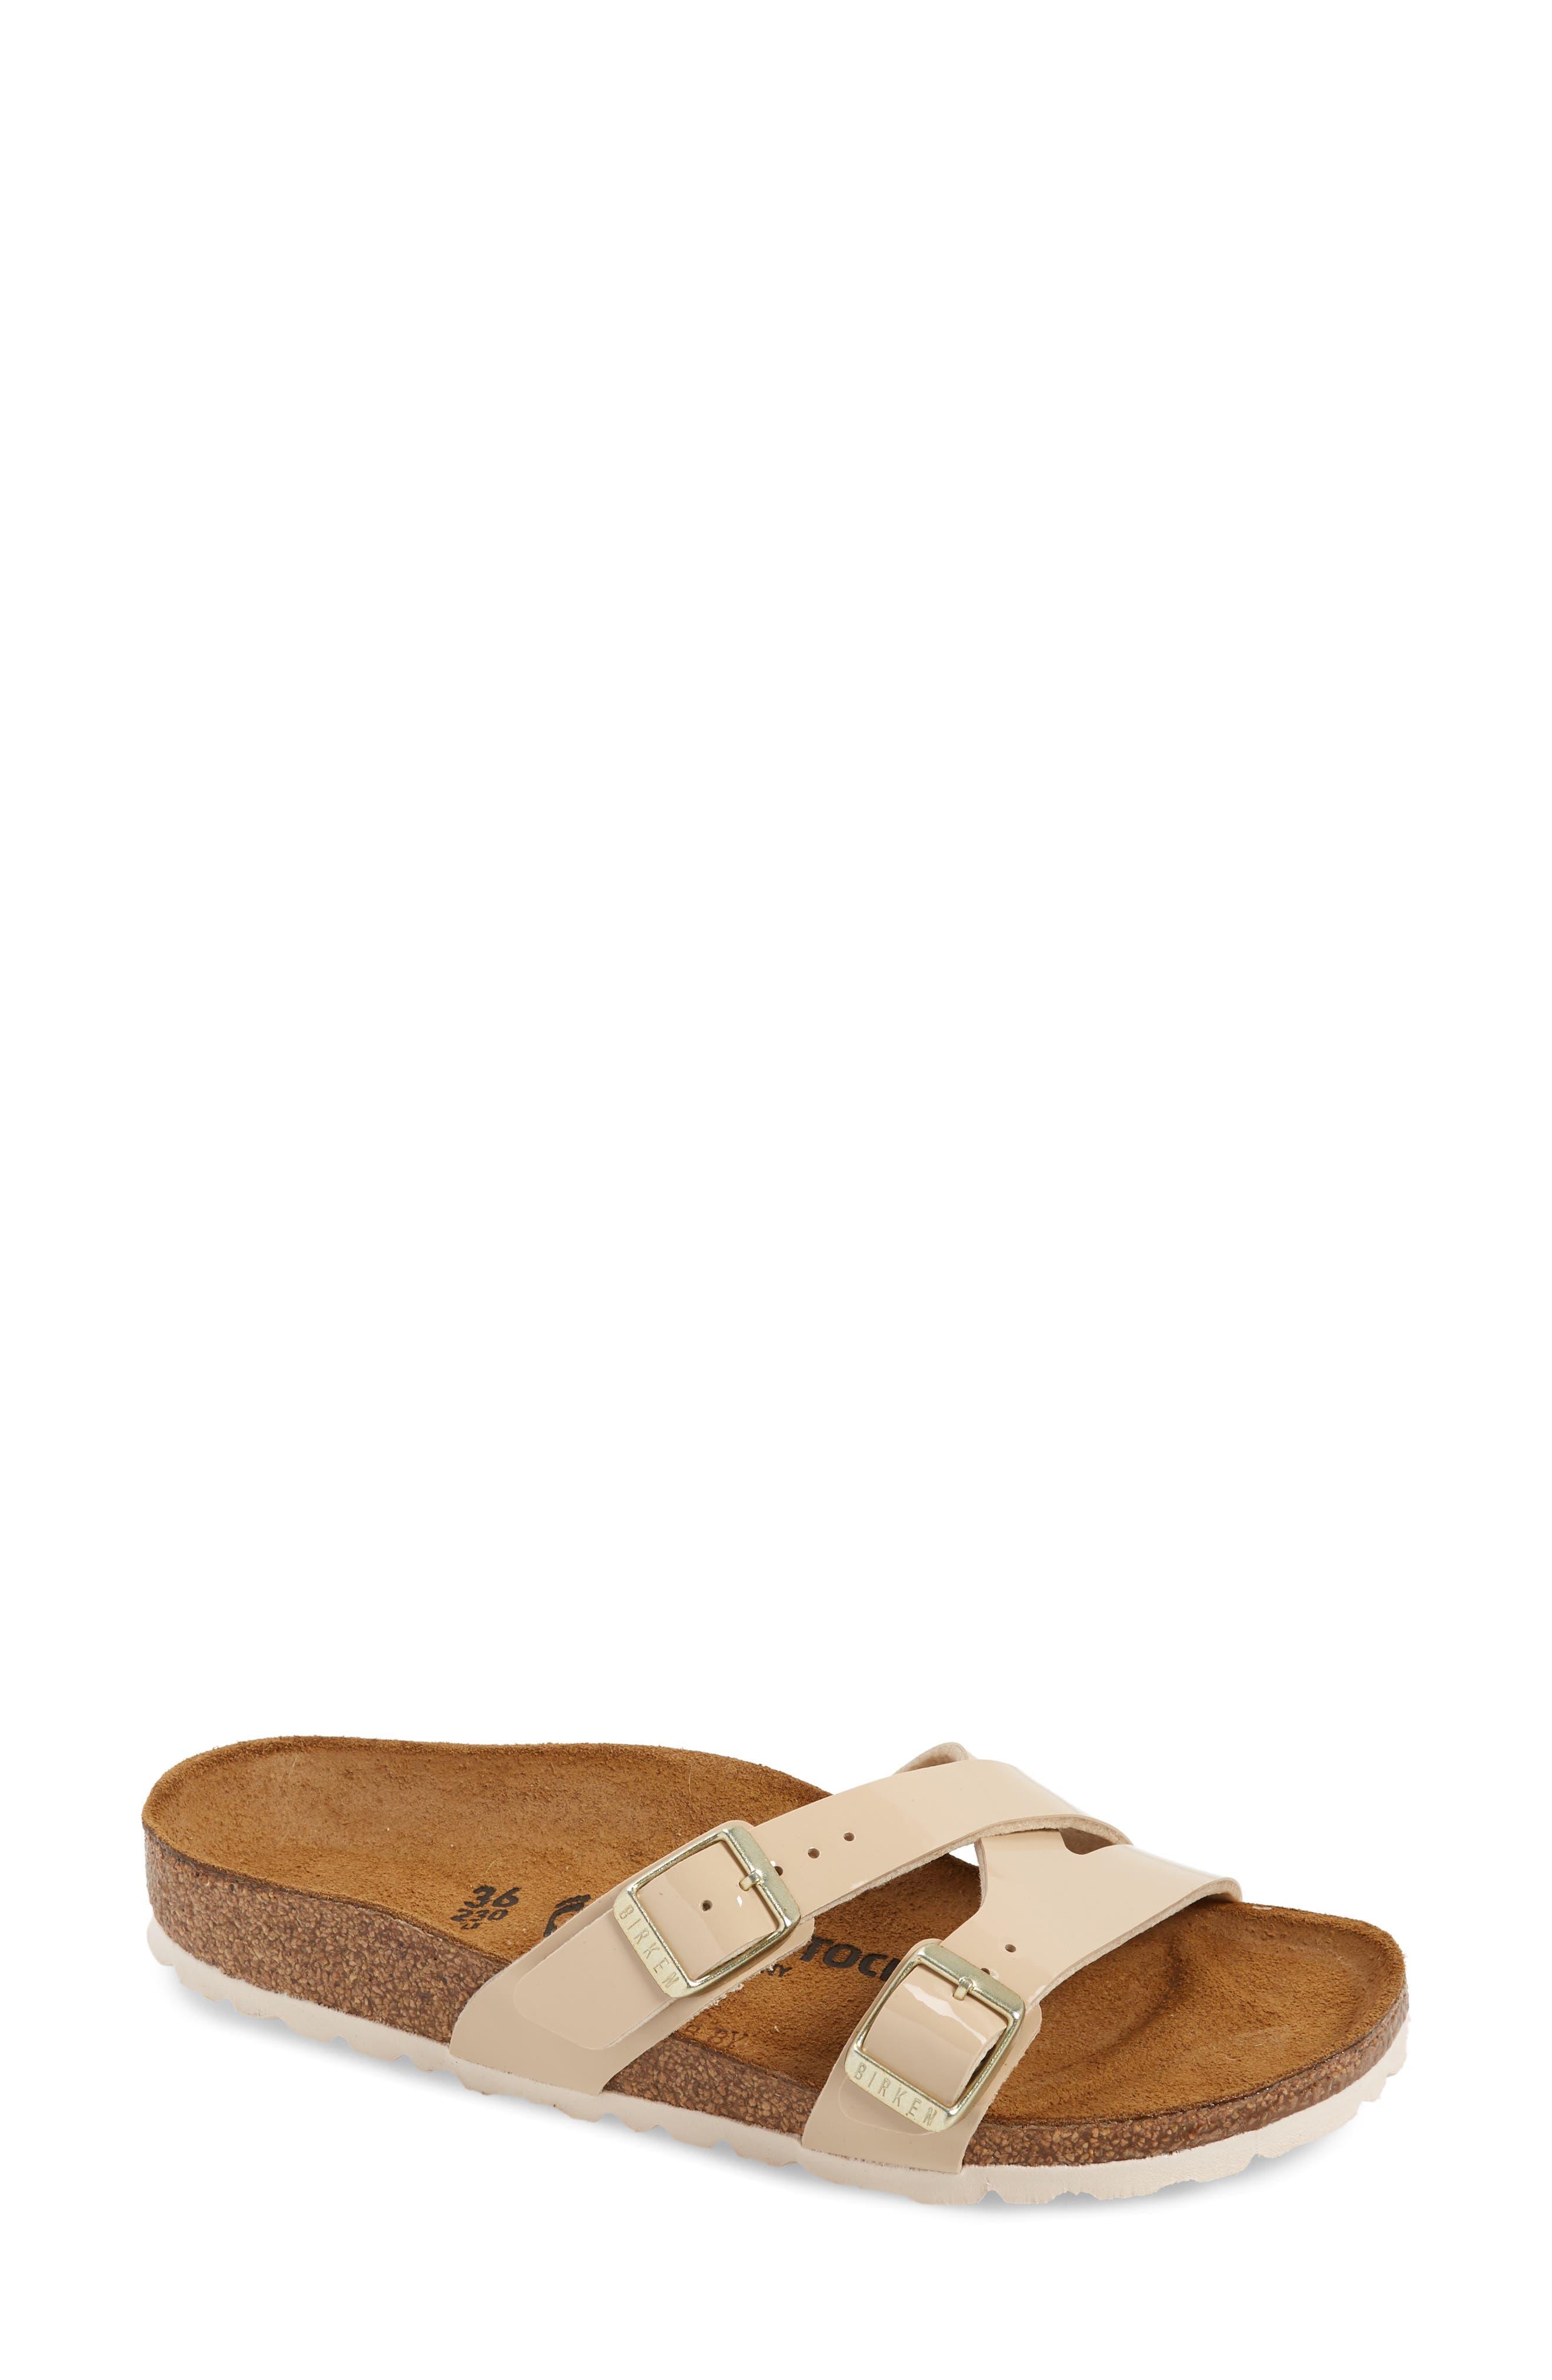 Birkenstock Yao Patent Slide Sandal, Beige